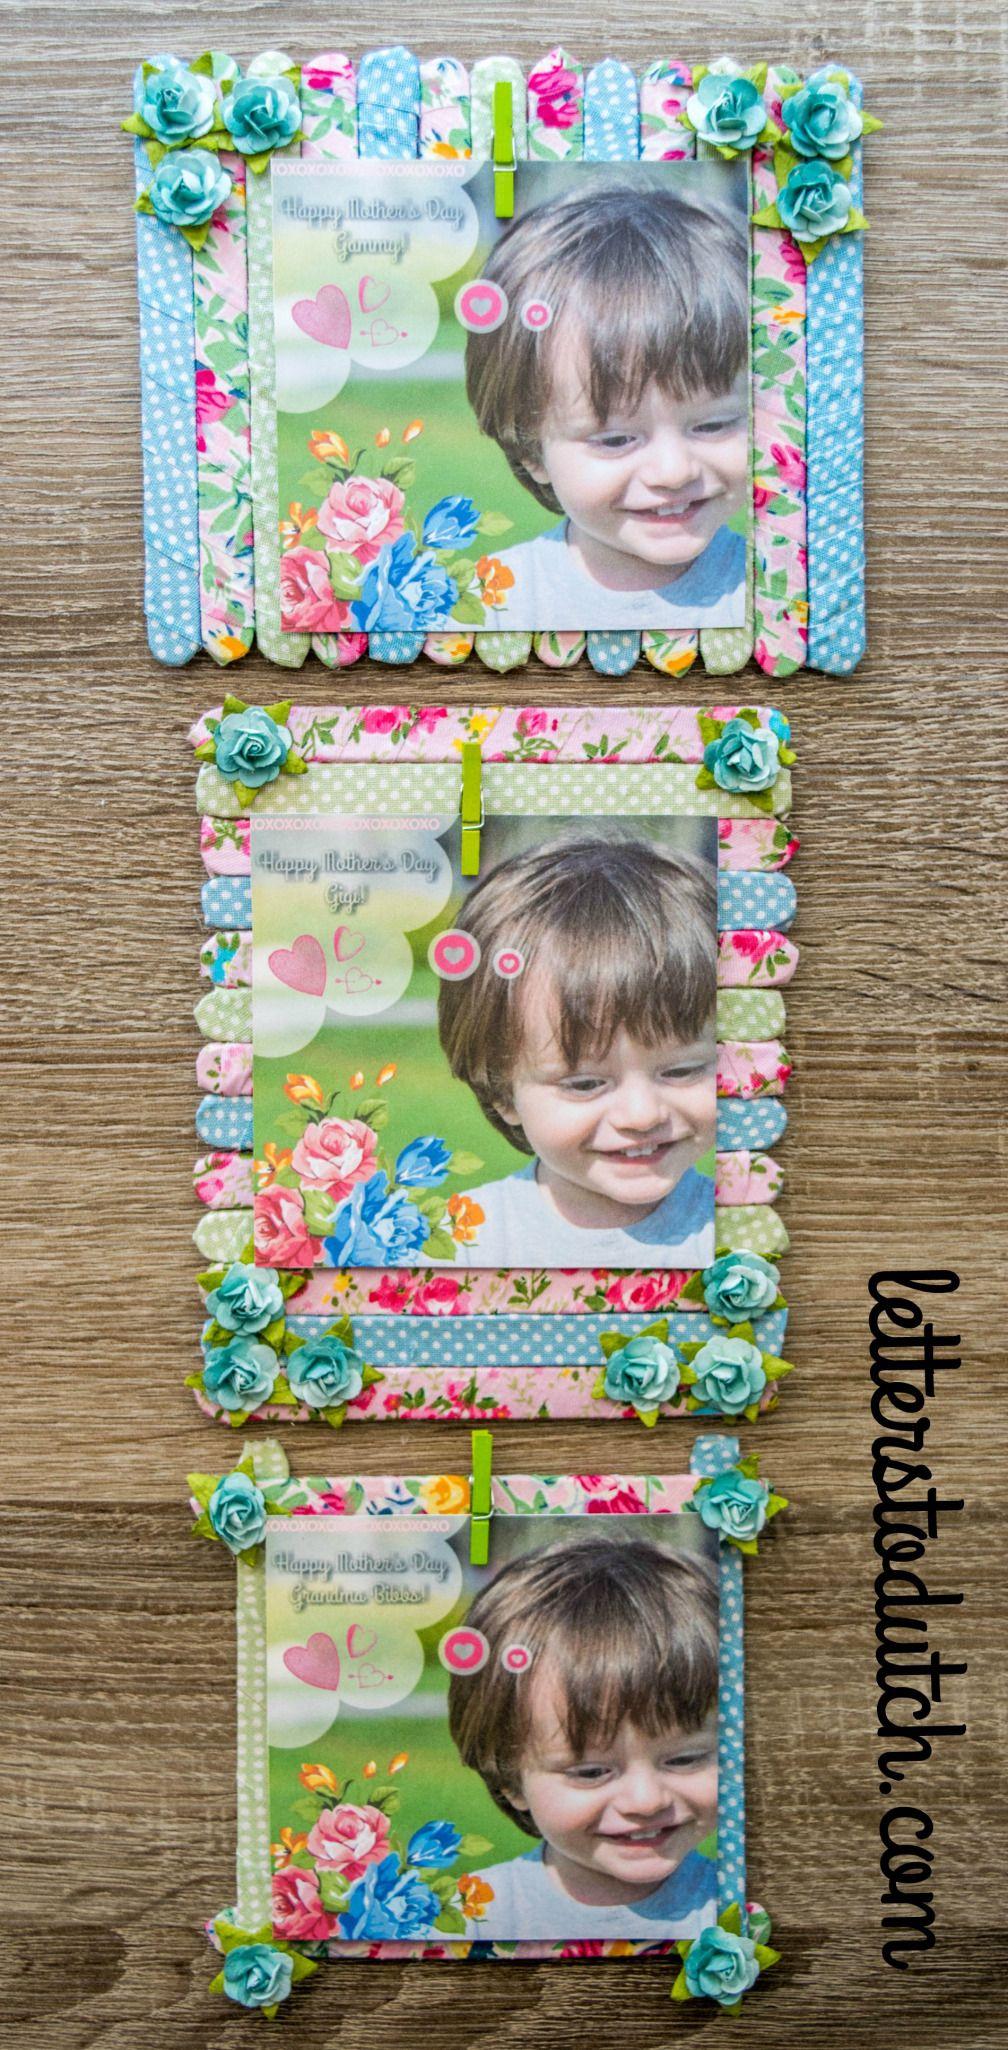 Diy popsicle stick picture frames bastelanleitungen - Selbstgemachte bilderrahmen ...